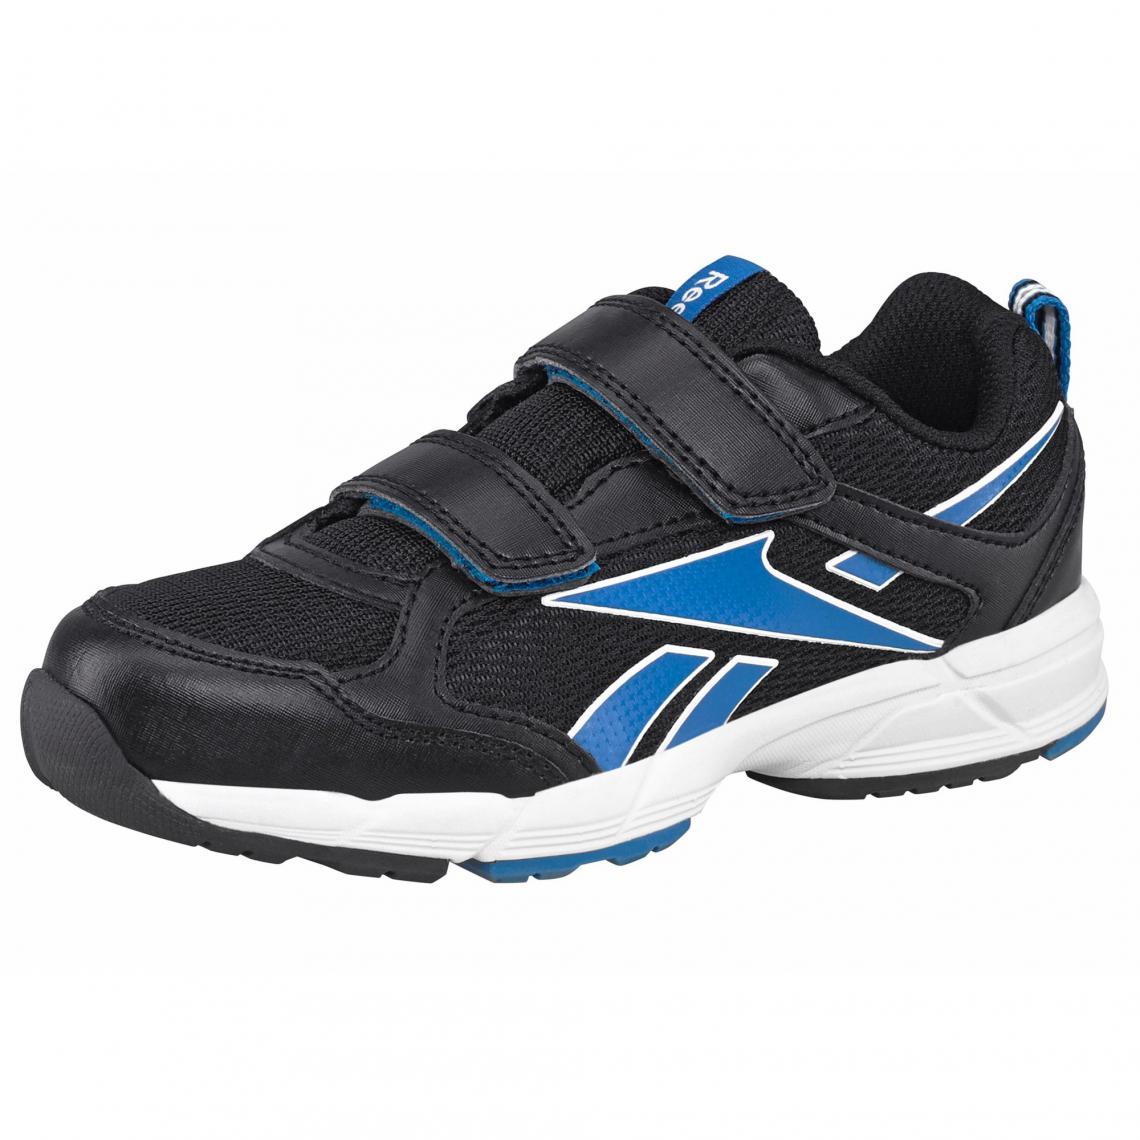 30f60891da4 Chaussure de running à lacet garçon Almotio 2.0 Reebok Reebok Enfant